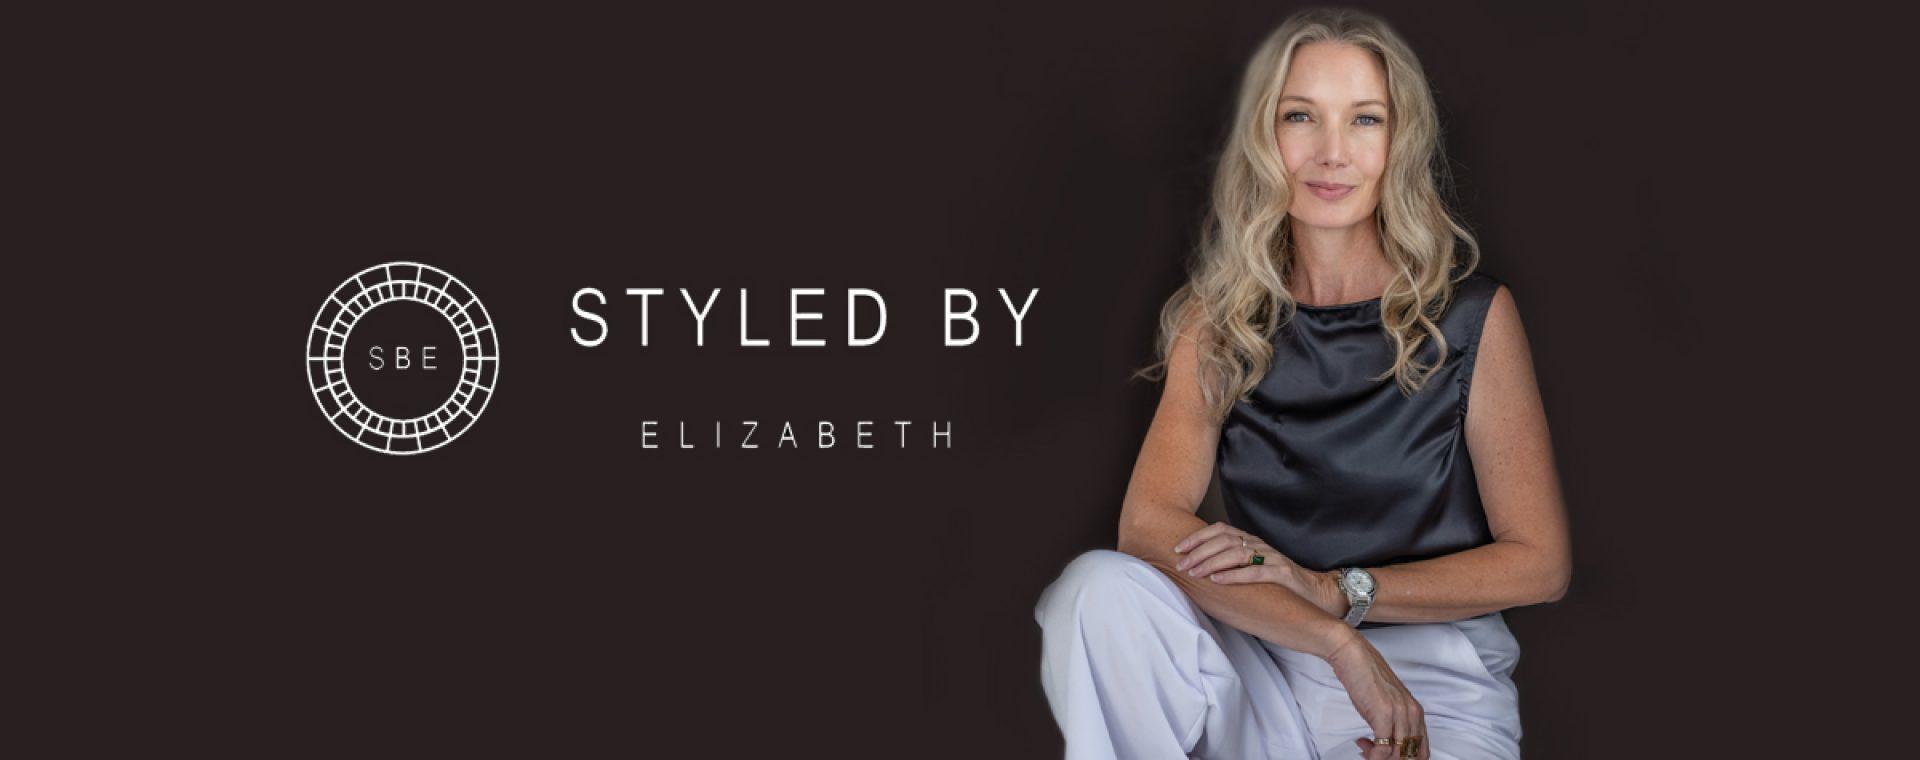 Styled By Elizabeth